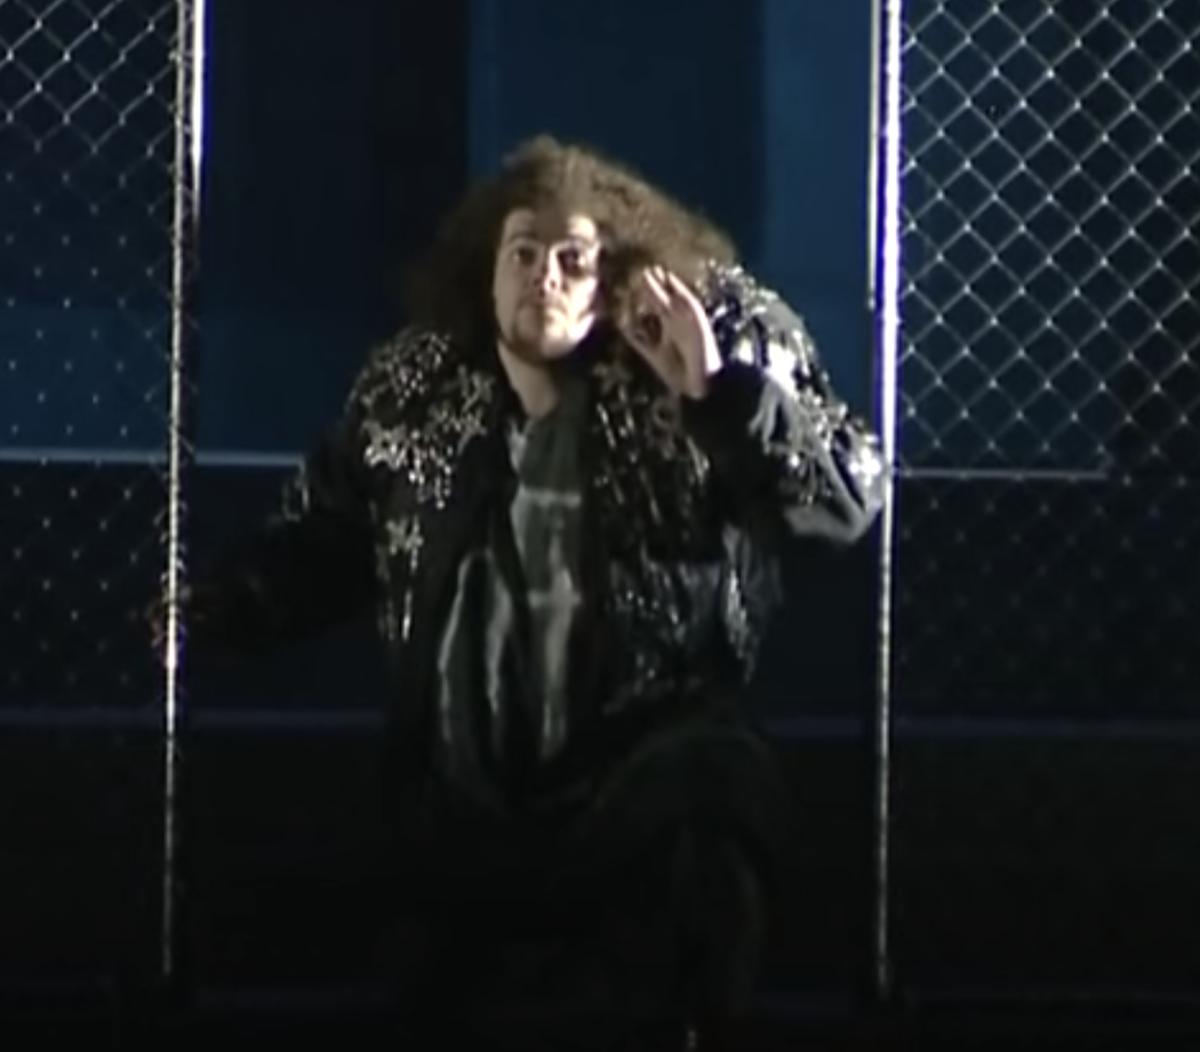 Christophe Crapez as Quasimodo in scenes from La Esmeralda,   Atelier Lyrique de Franche-Comté and the Opéra-Théâtre de Besançon, live recording, Opéra-Théâtre de Besançon